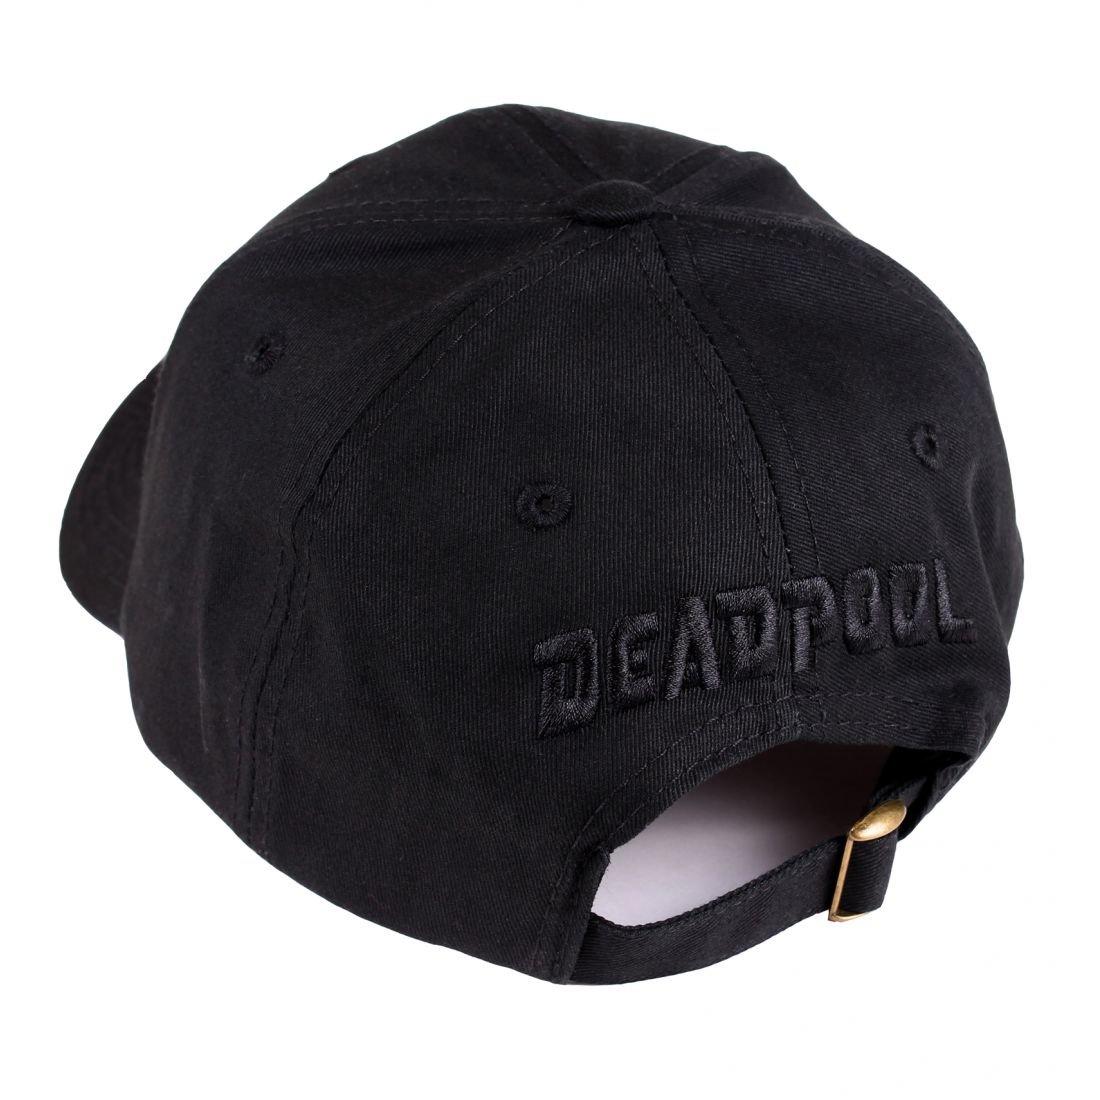 Deadpool logo gorra de béisbol de metal negro de algodón Marvel: Amazon.es: Juguetes y juegos